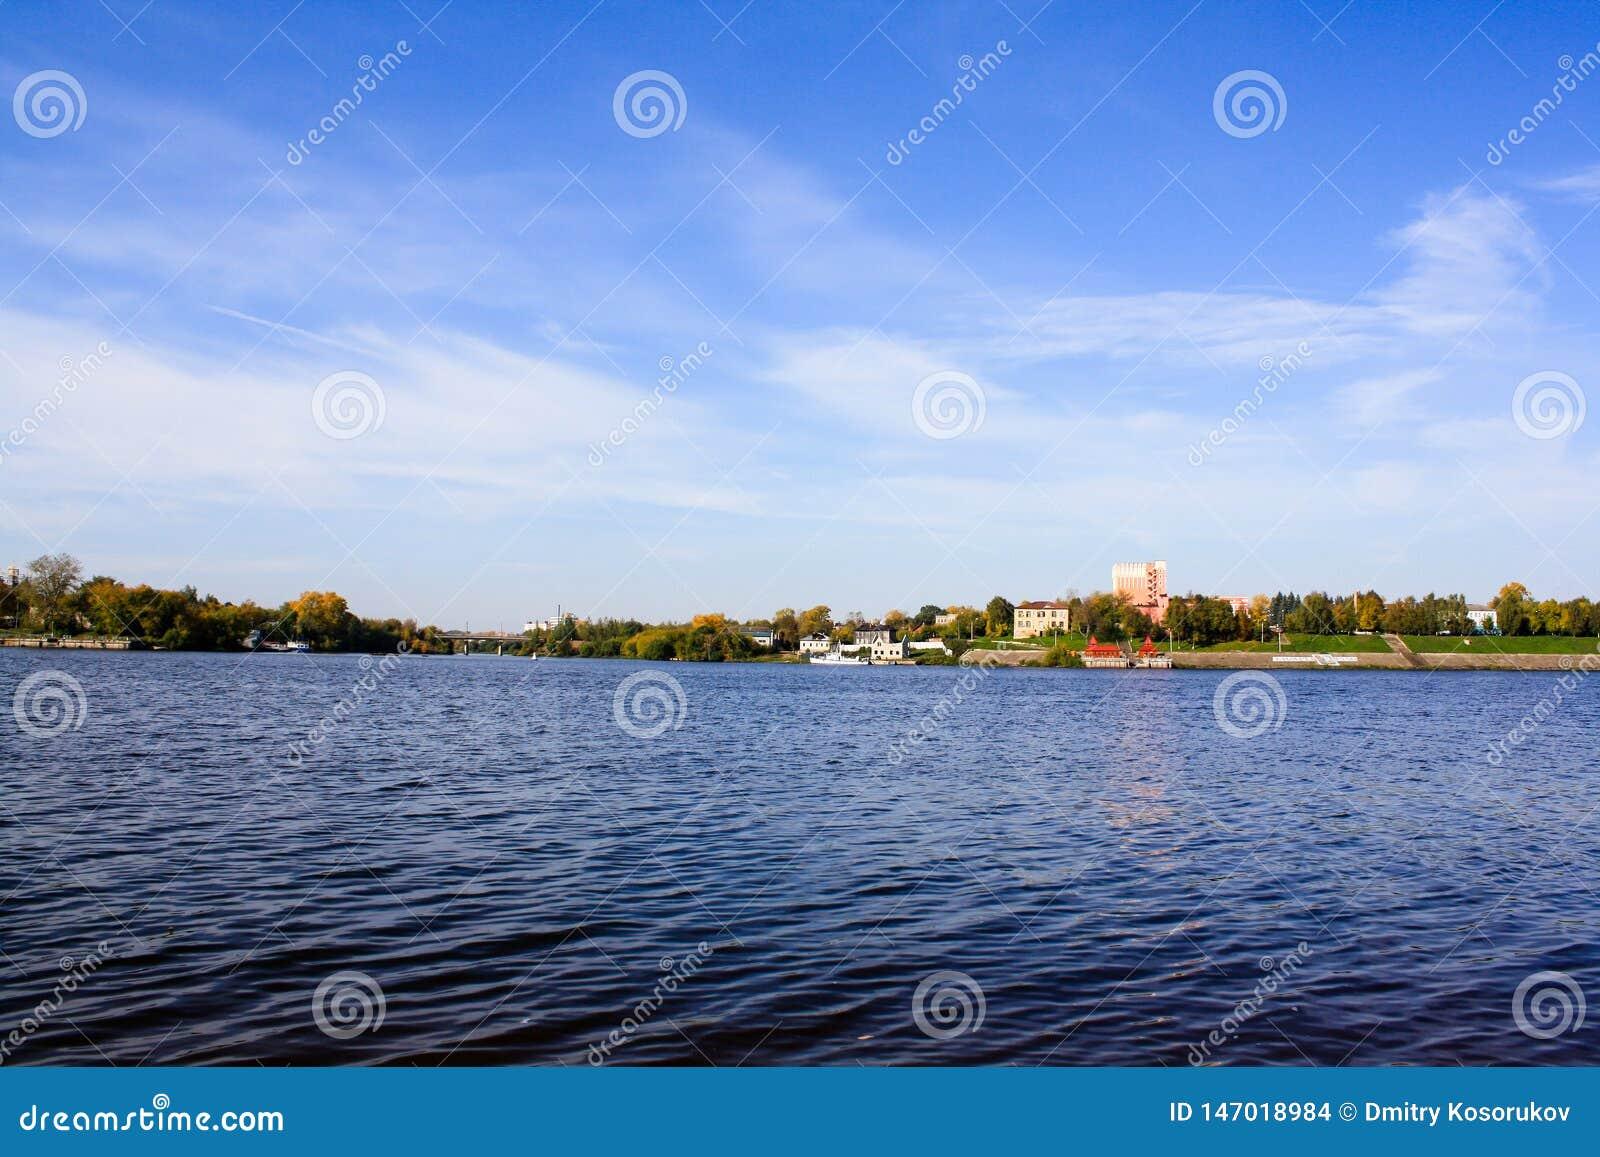 Blauer Himmel, Fluss und Stadt auf dem Ufer